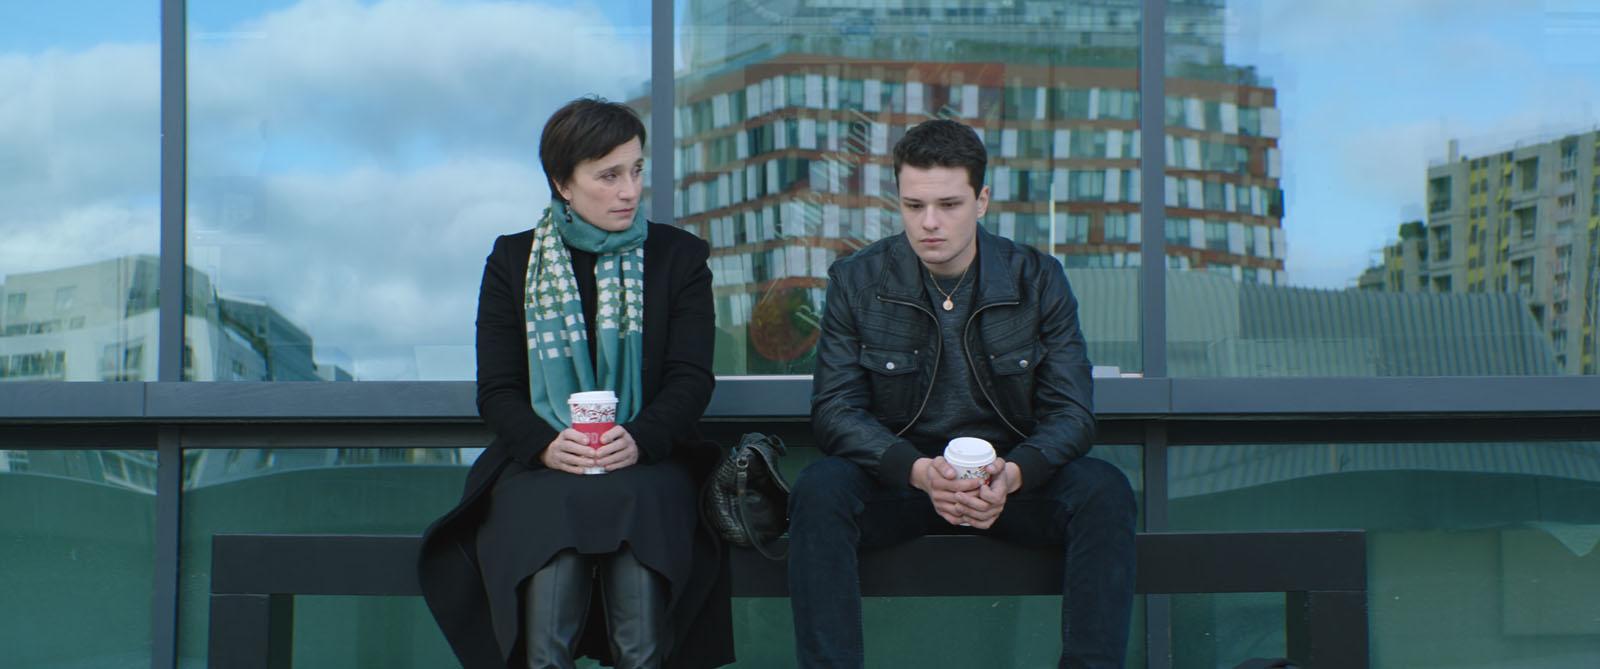 Nelle tue mani: Kristin Scott Thomas e Jules Benchetrit in una scena